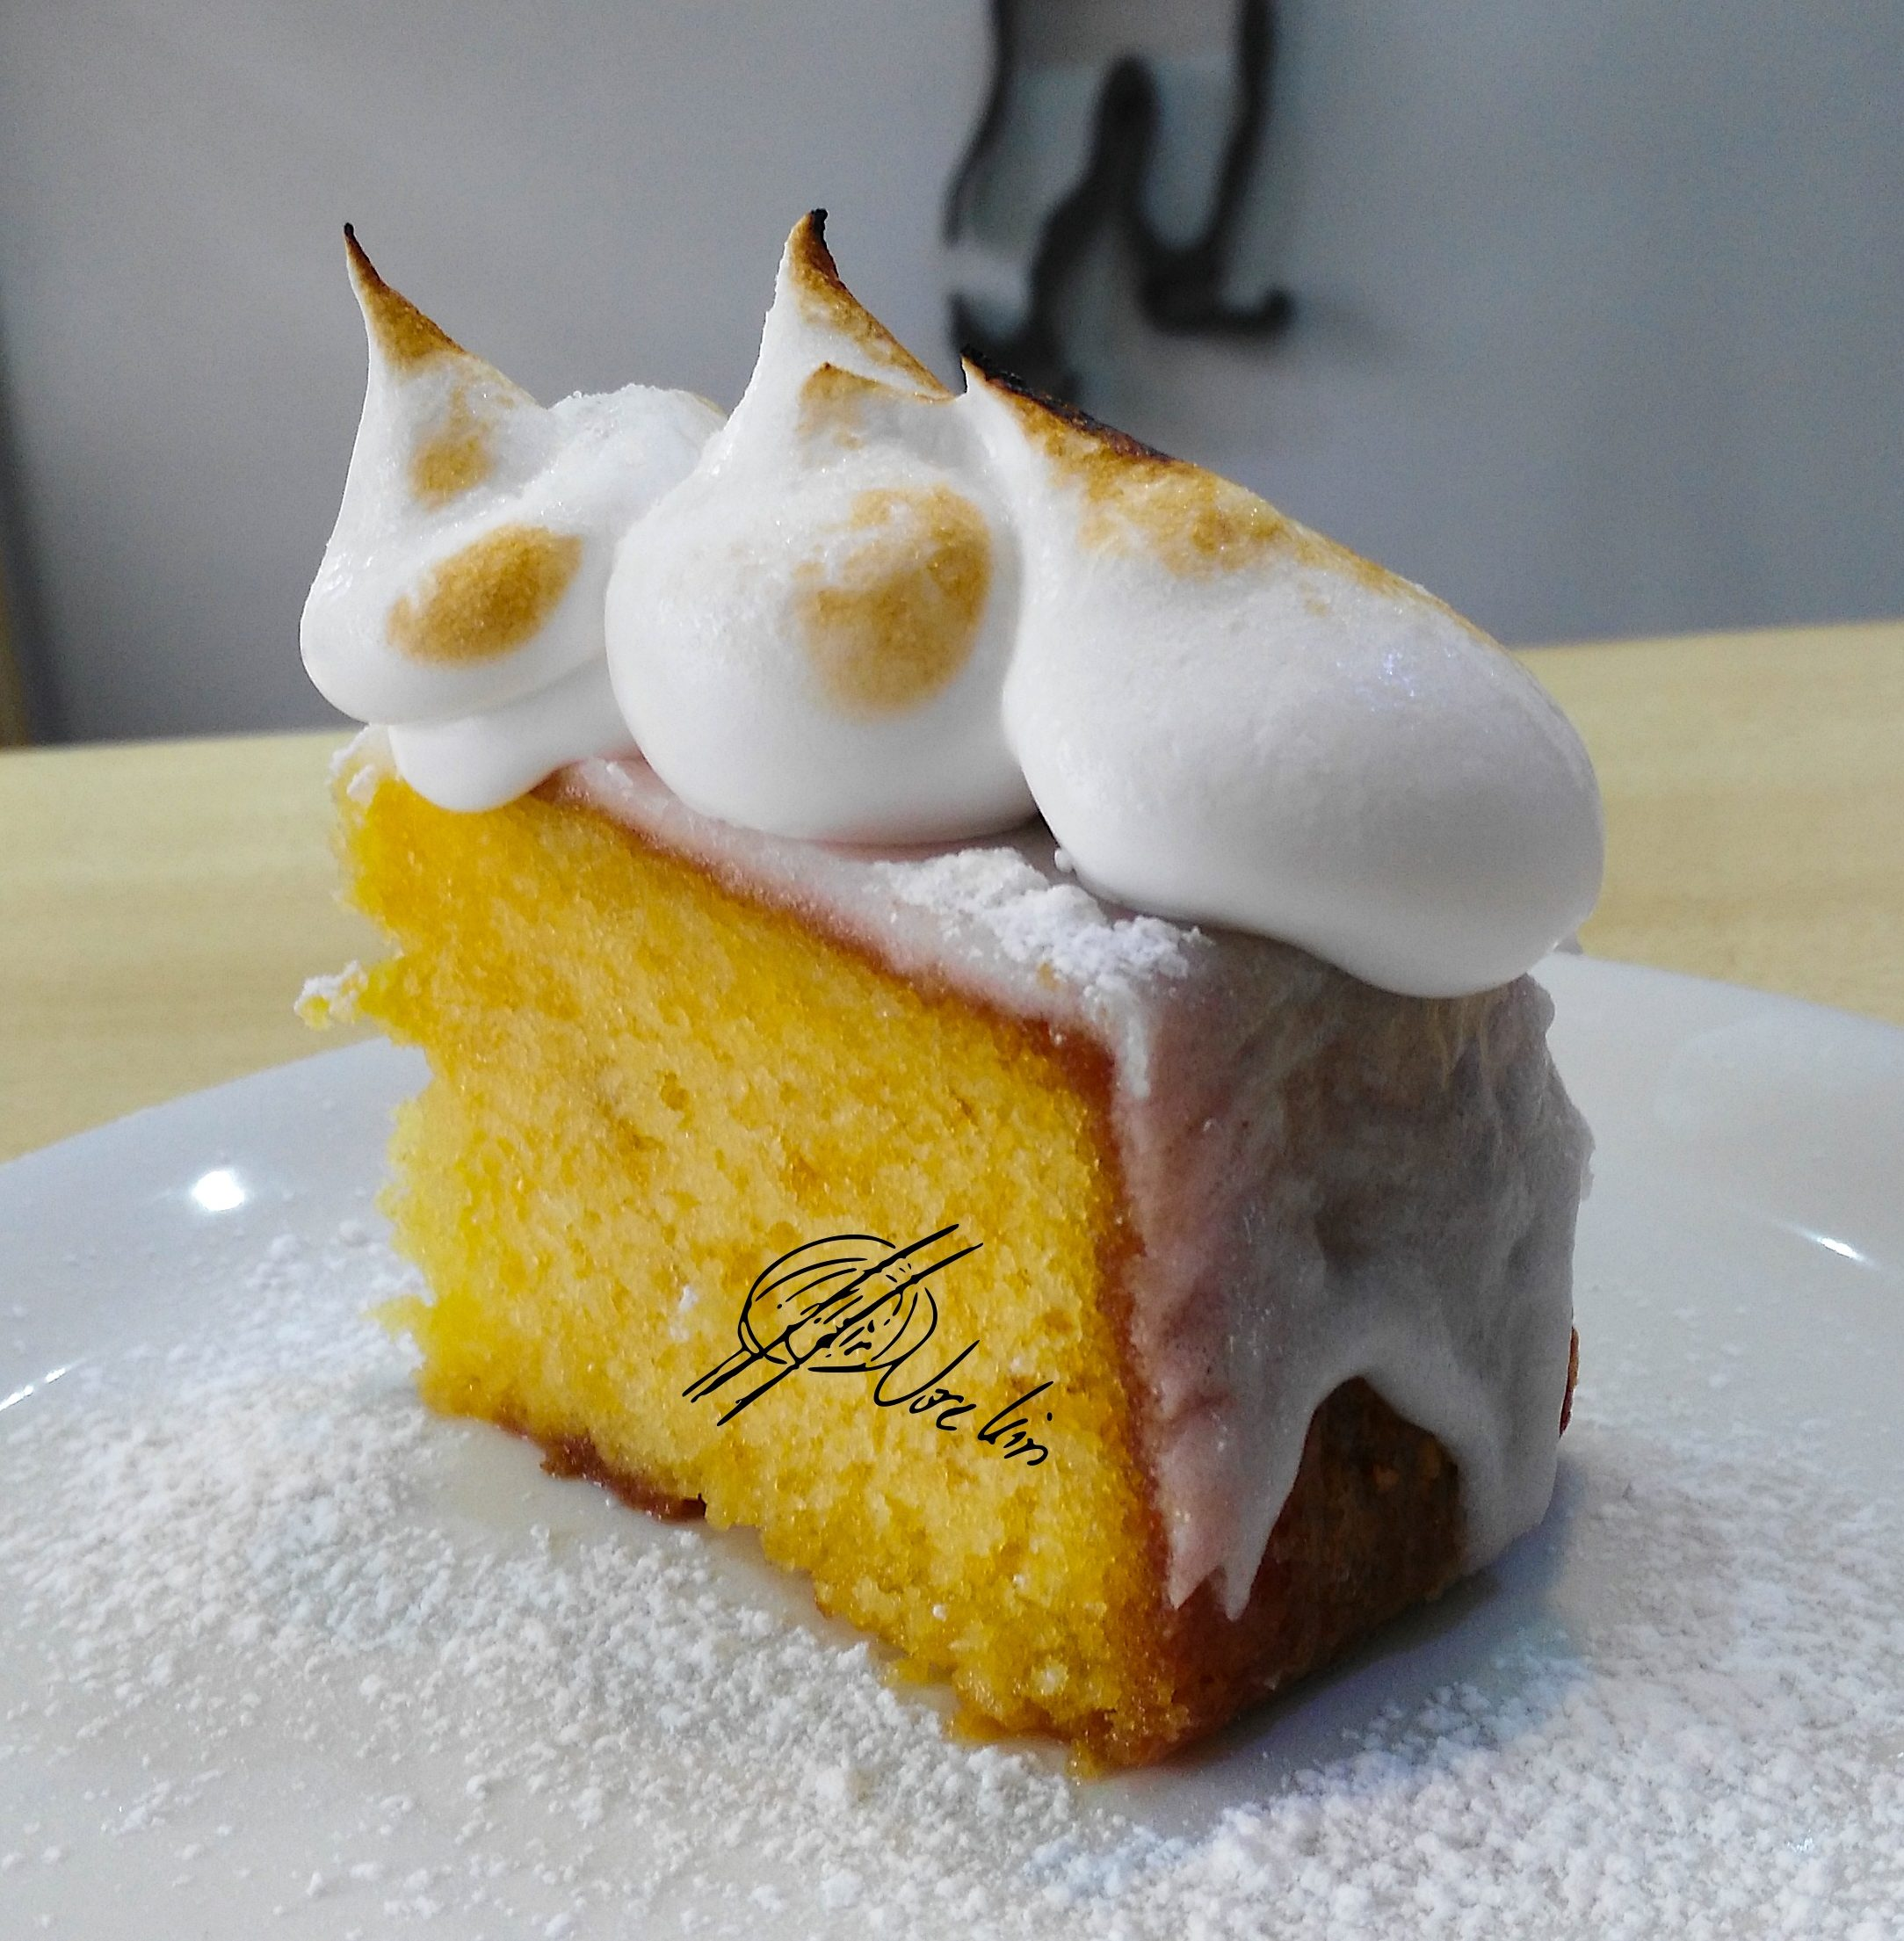 Queque de limón con merengue